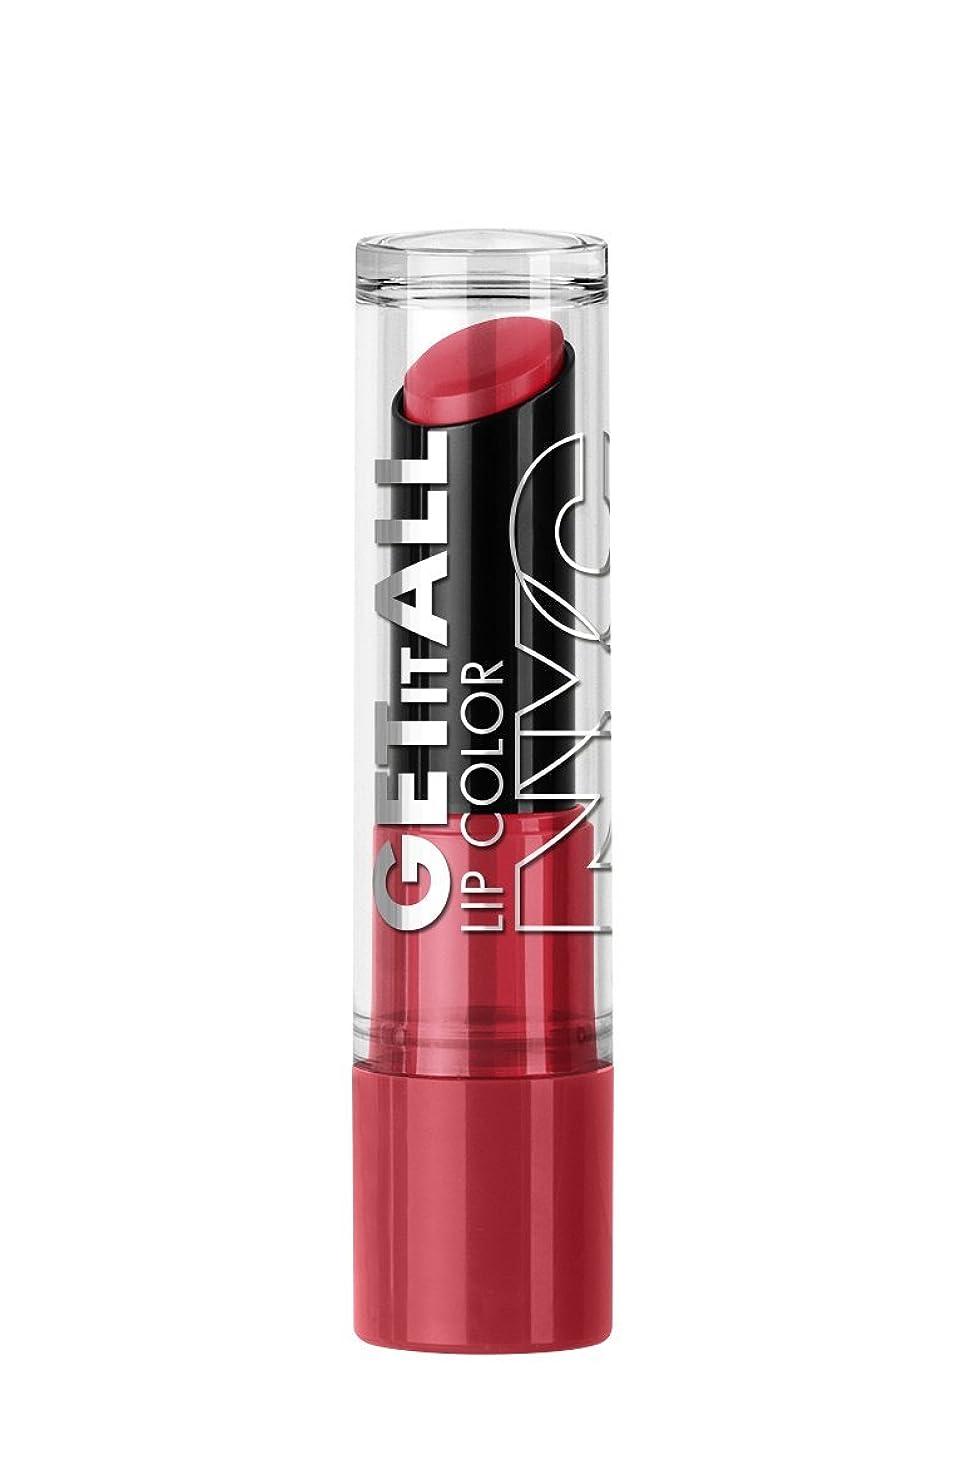 講師マリン強化するNYC Get It All Lip Color ImpREDssive (並行輸入品)